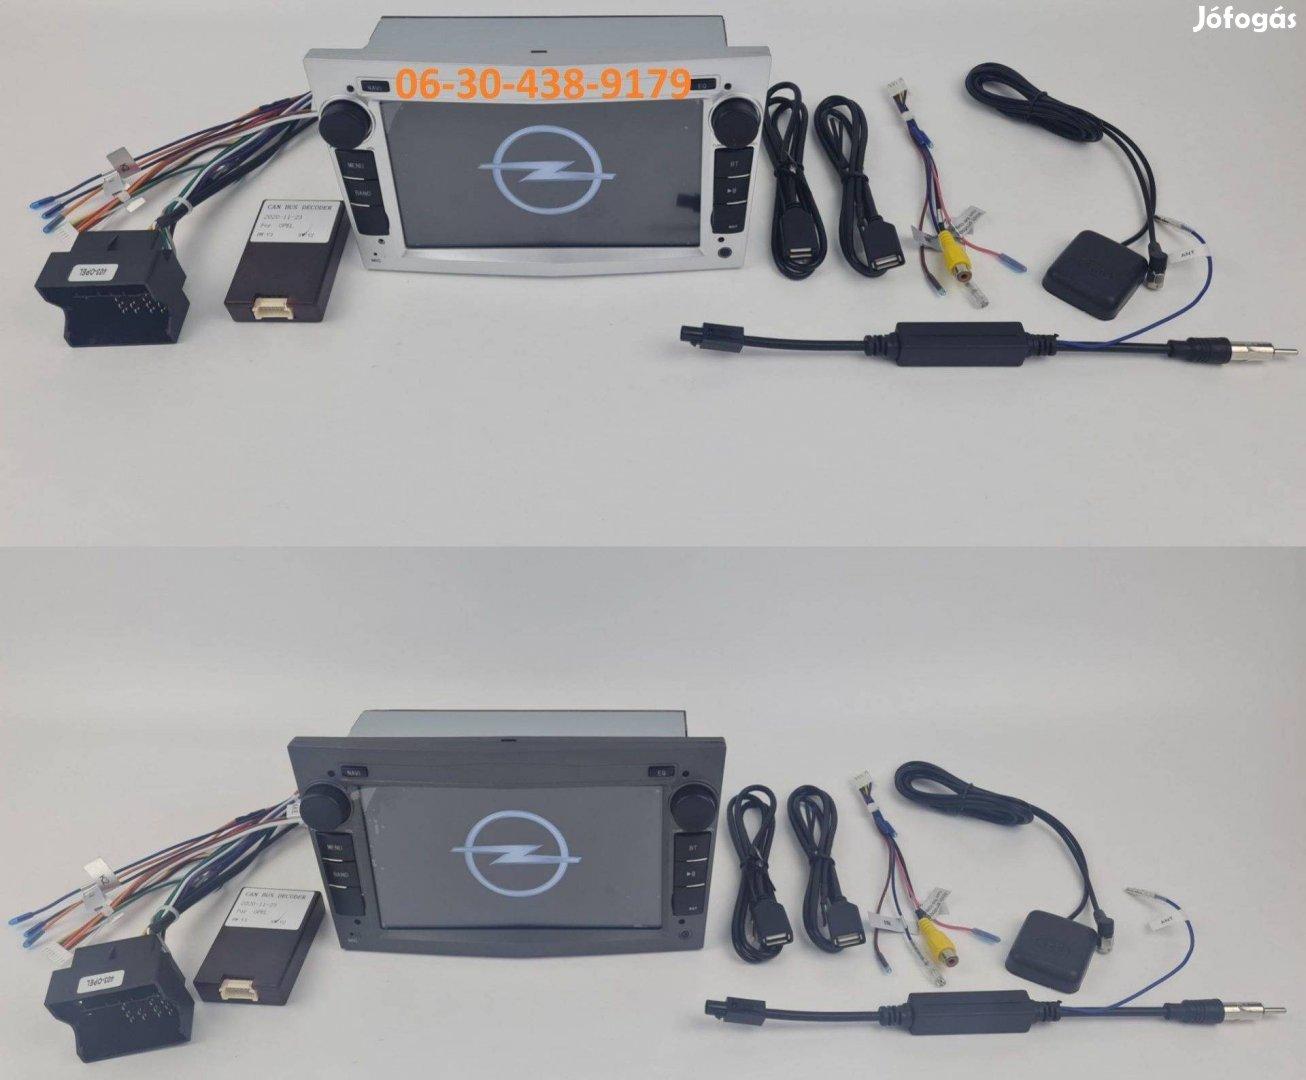 Opel Android autórádió fejegység gyári helyre 1GB rádió + Carplay